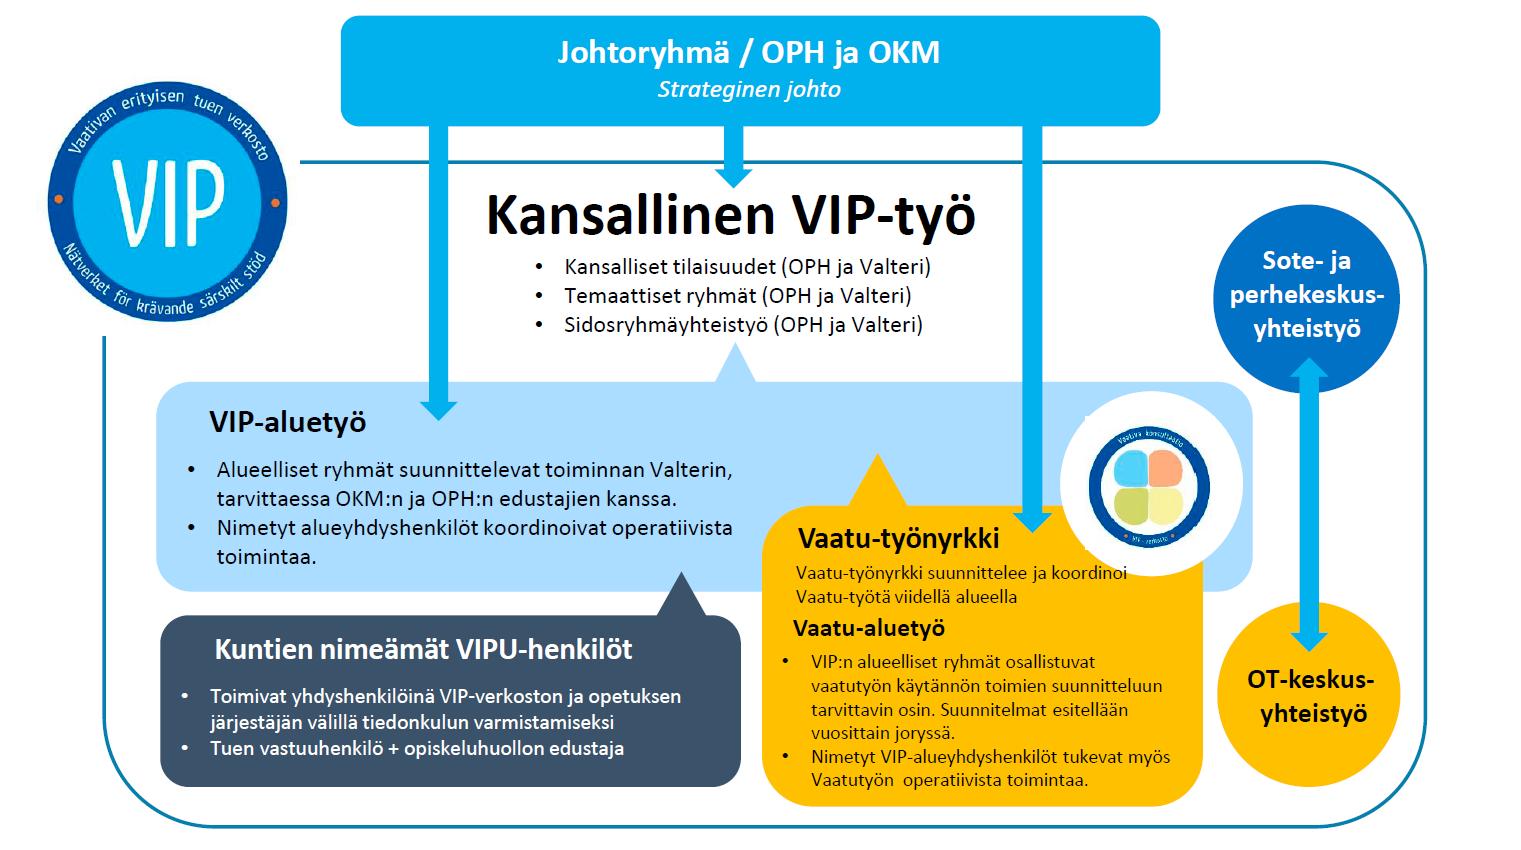 VIP-verkoston vastuut ja toiminta vakiinnuttamiskaudella 2021-2022 VIP-verkoston toimintaa johtaa johtoryhmä, jossa on edustus Opetushallituksesta sekä opetus- ja kulttuuriministeriöstä. Toiminnassa on kolme kokonaisuutta: kansallinen VIP-työ, VIP-aluetyö sekä Vaatu. Kansallista VIP-työtä ovat kansalliset tilaisuudet, temaattisten ryhmien työskentely sekä sidosryhmäyhteistyö. Näiden koordinoinnista vastaavat Opetushallitus sekä Oppimis- ja ohjauskeskus Valteri. VIP-aluetyössä alueelliset ryhmät suunnittelevat toiminnan Valterin sekä tarvittaessa OKM:n ja OPH:n edustajien kanssa. Operatiivista toimintaa koordinoivat nimetyt alueyhdyshenkilöt. VIP-verkoston ja opetuksen järjestäjien välisen tiedonkulun varmistamiseksi nimetään lisäksi niin kutsutut VIPU-henkilöt. VIPU-henkilöt ovat kunkin kunnan nimeämä tuen vastuuhenkilö ja opiskeluhuollon edustaja, jotka toimivat yhdyshenkilöinä. Vaatu-työnyrkki suunnittelee ja koordinoi Vaatu-työtä viidellä alueella. Vaatu-aluetyössä VIP:n alueelliset ryhmät osallistuvat vaatutyön käytännön toimien suunnitteluun tarvittavin osin. Suunnitelmat esitellään vuosittain joryssä. Nimetyt VIP-alueyhdyshenkilöt tukevat myös Vaatutyön operatiivista toimintaa. VIP-verkosto tekee yhteistyötä sote- ja perhekeskusten sekä OT-keskusten kanssa.